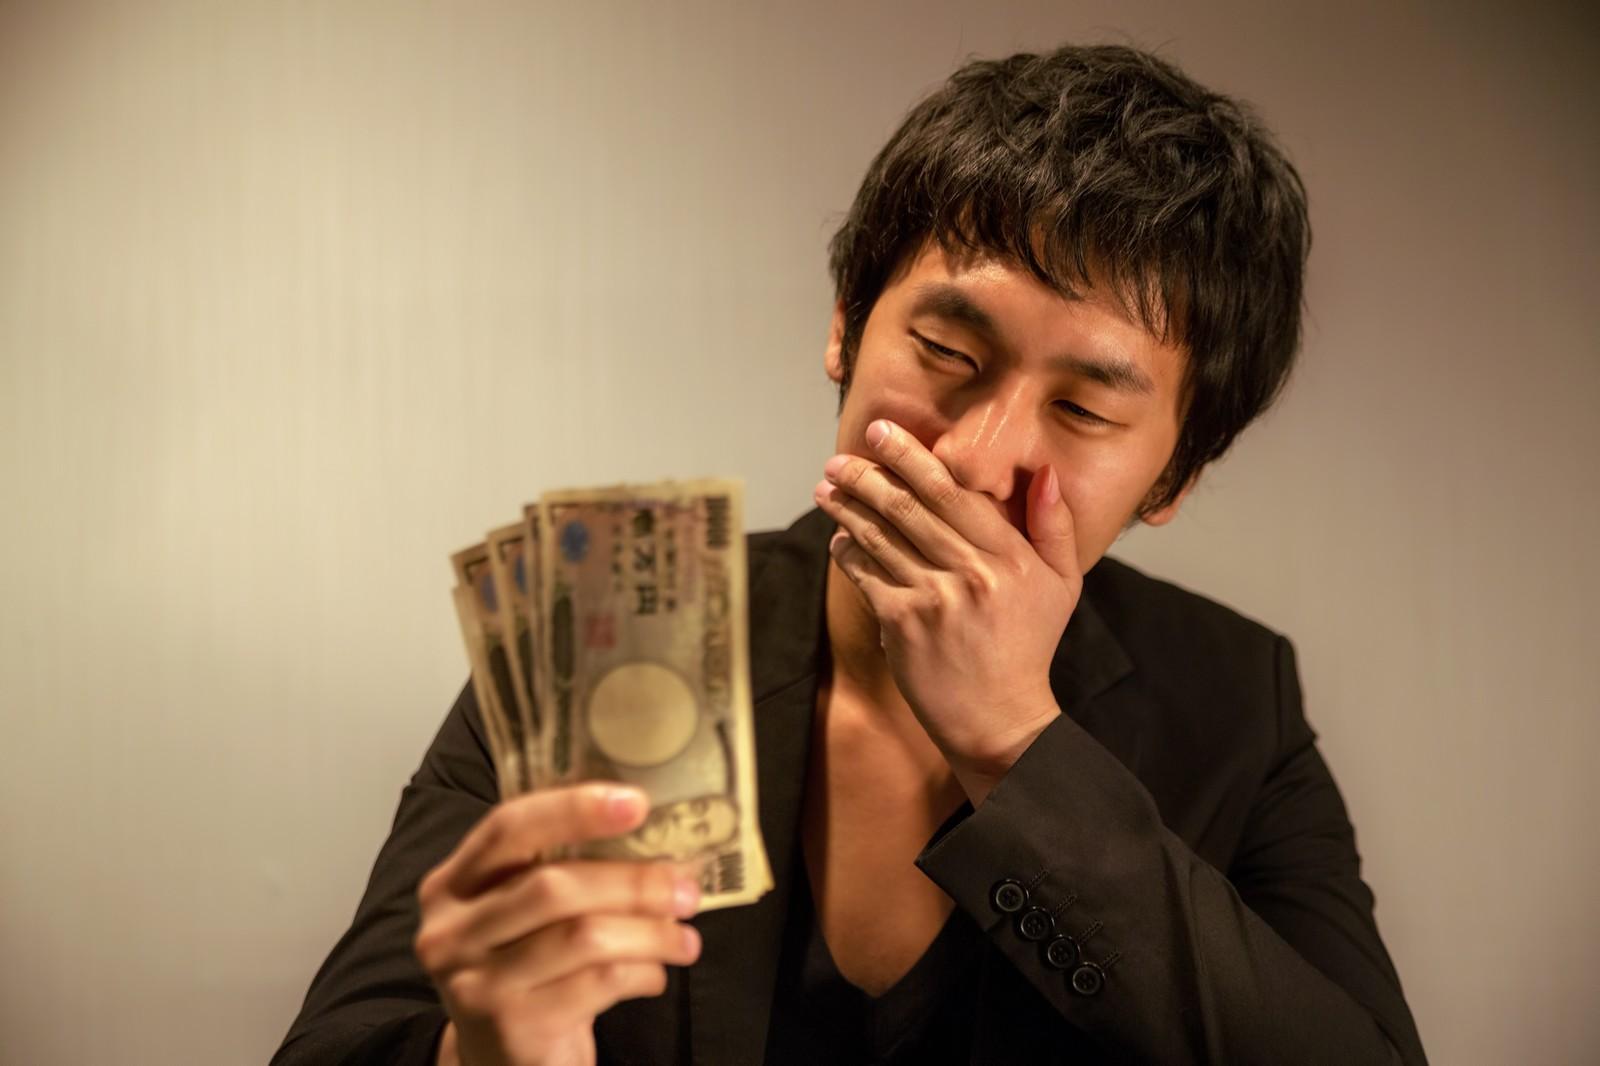 転職時の給料の決まり方、提示や交渉のタイミング